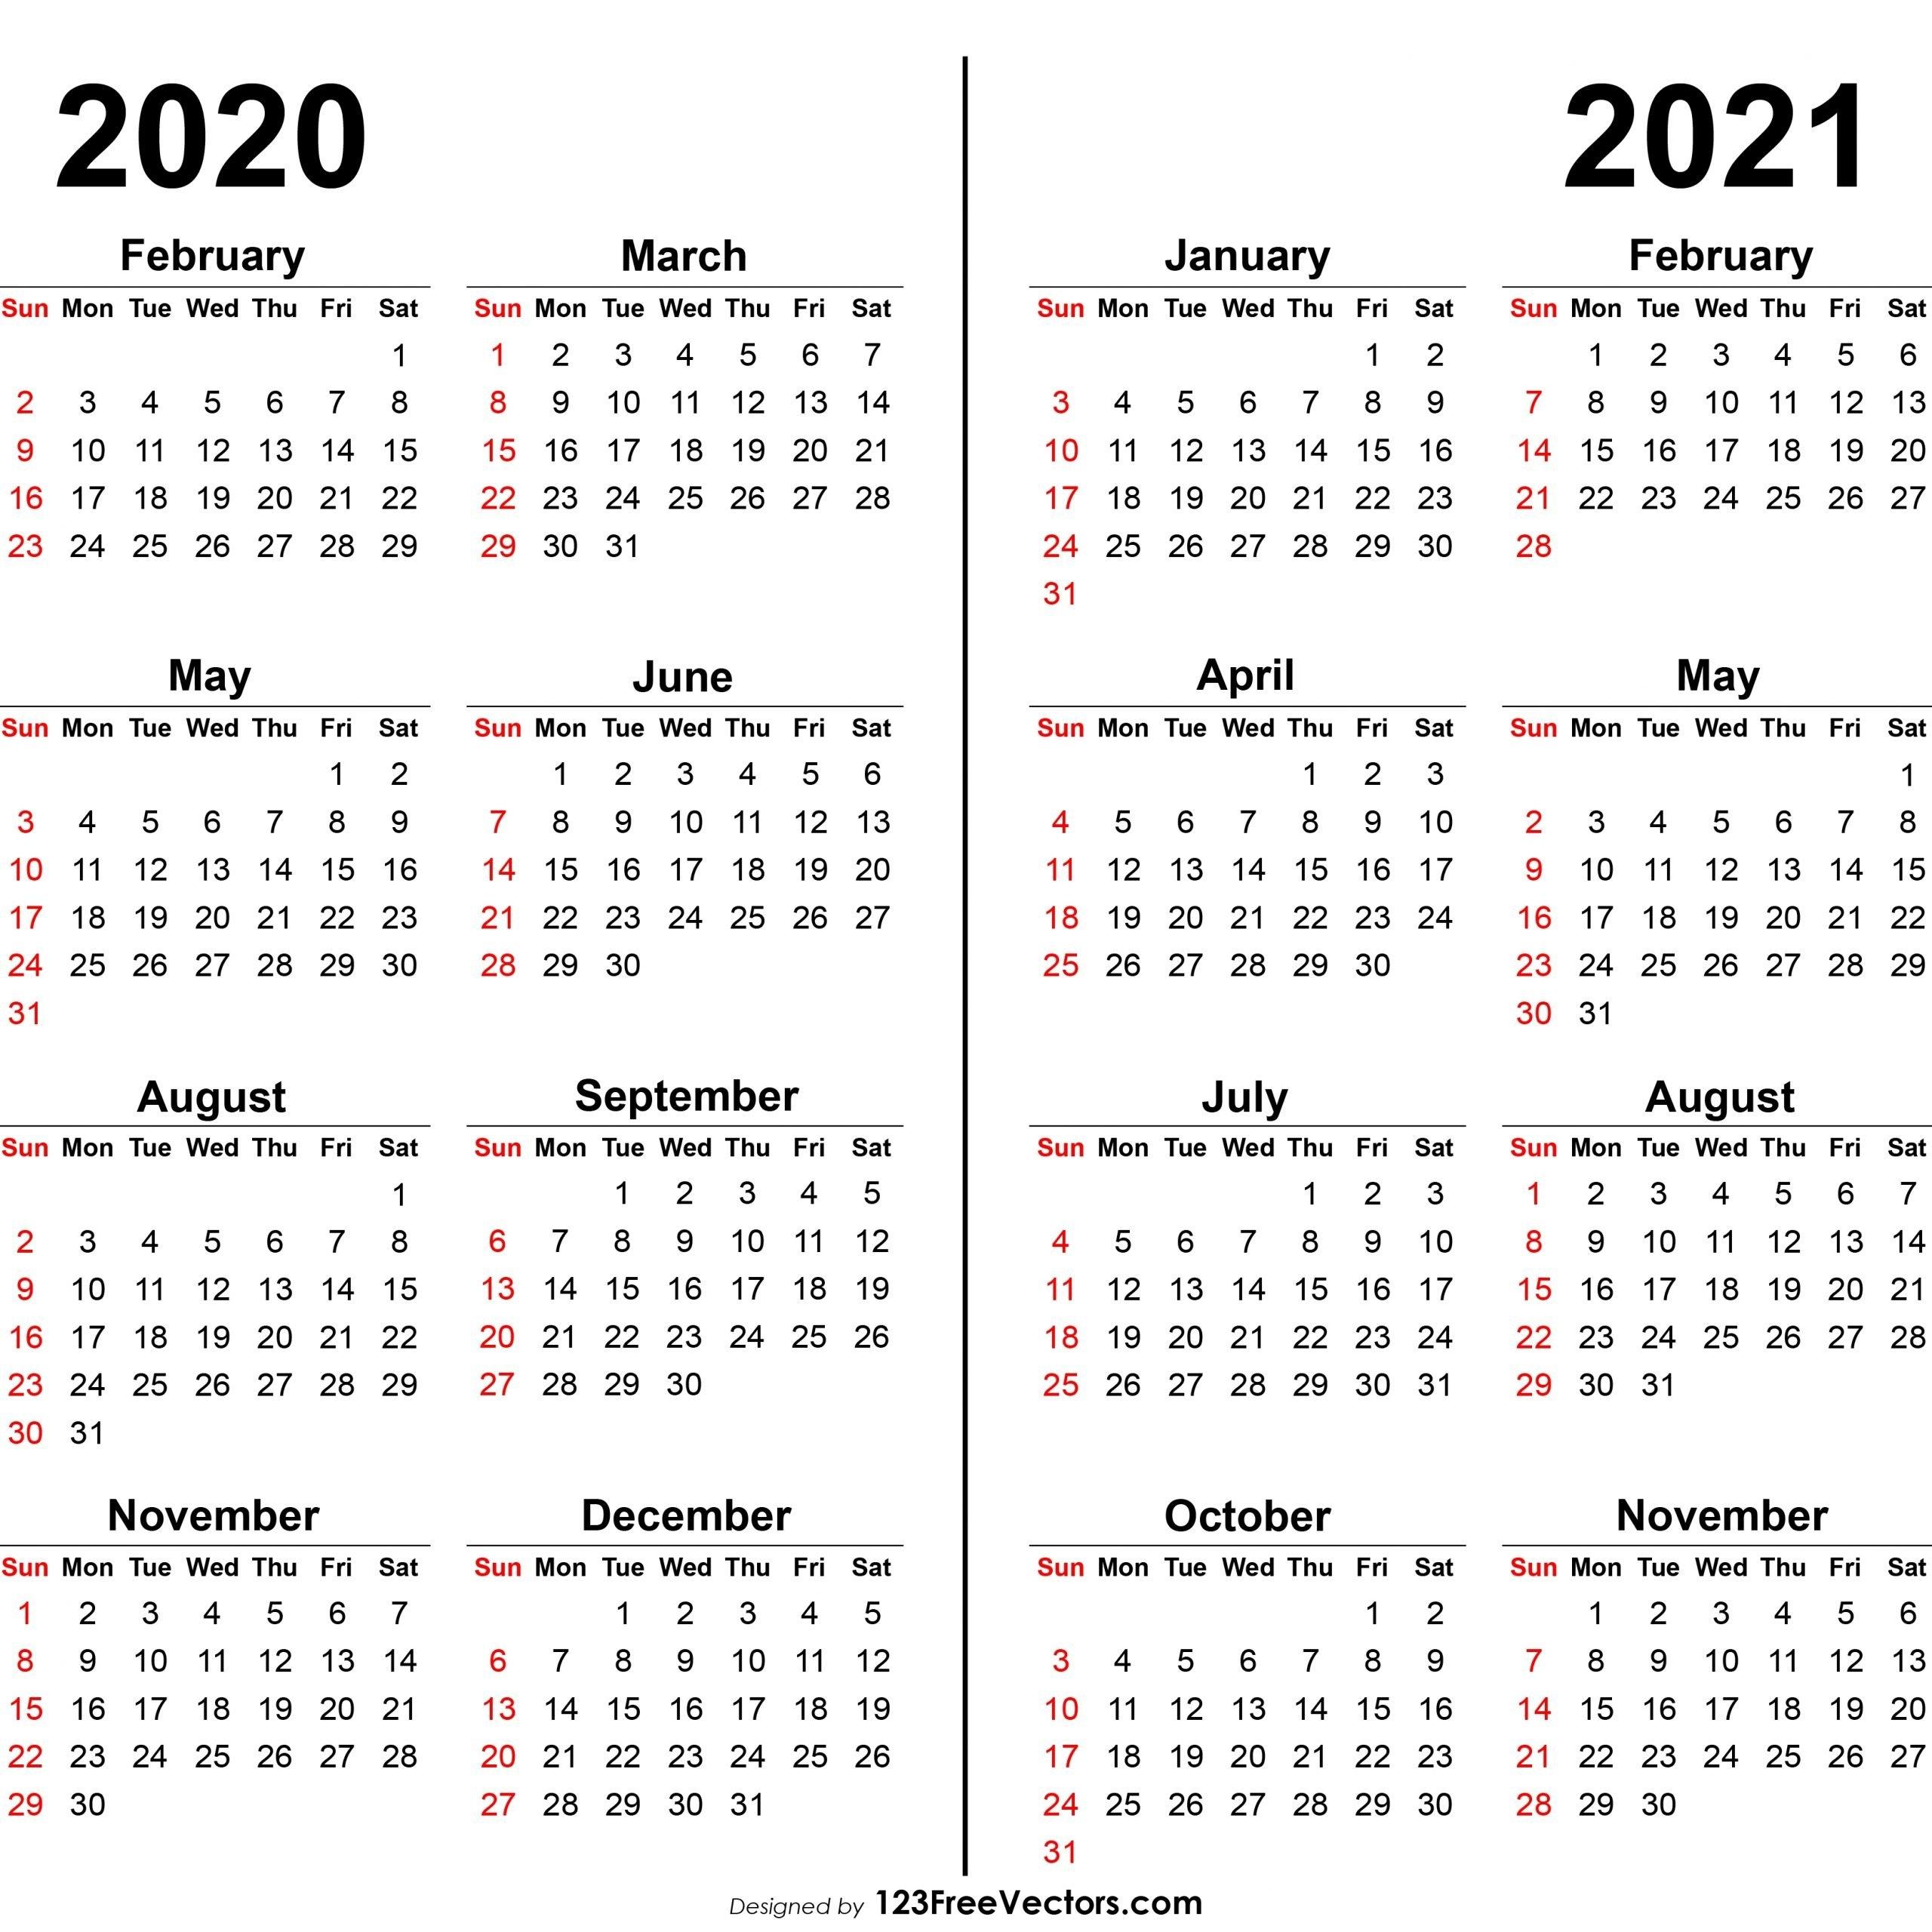 Calendar 2021 Bangladesh Holidays   Get Free Calendar regarding Bangladesh Govt Holidays 2021 Calendar